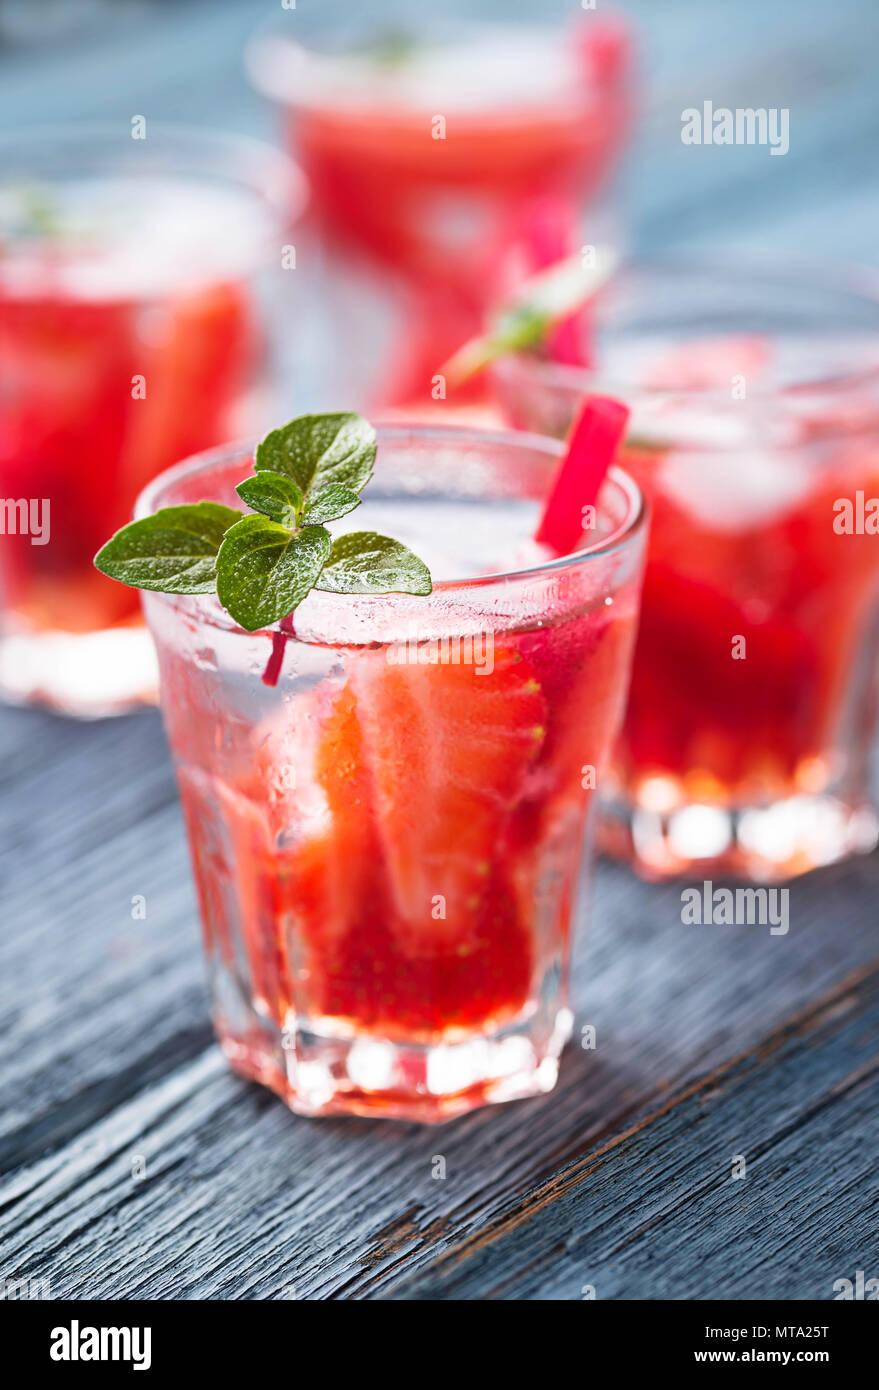 Sommer frische drink Erdbeer Limonade Stockbild